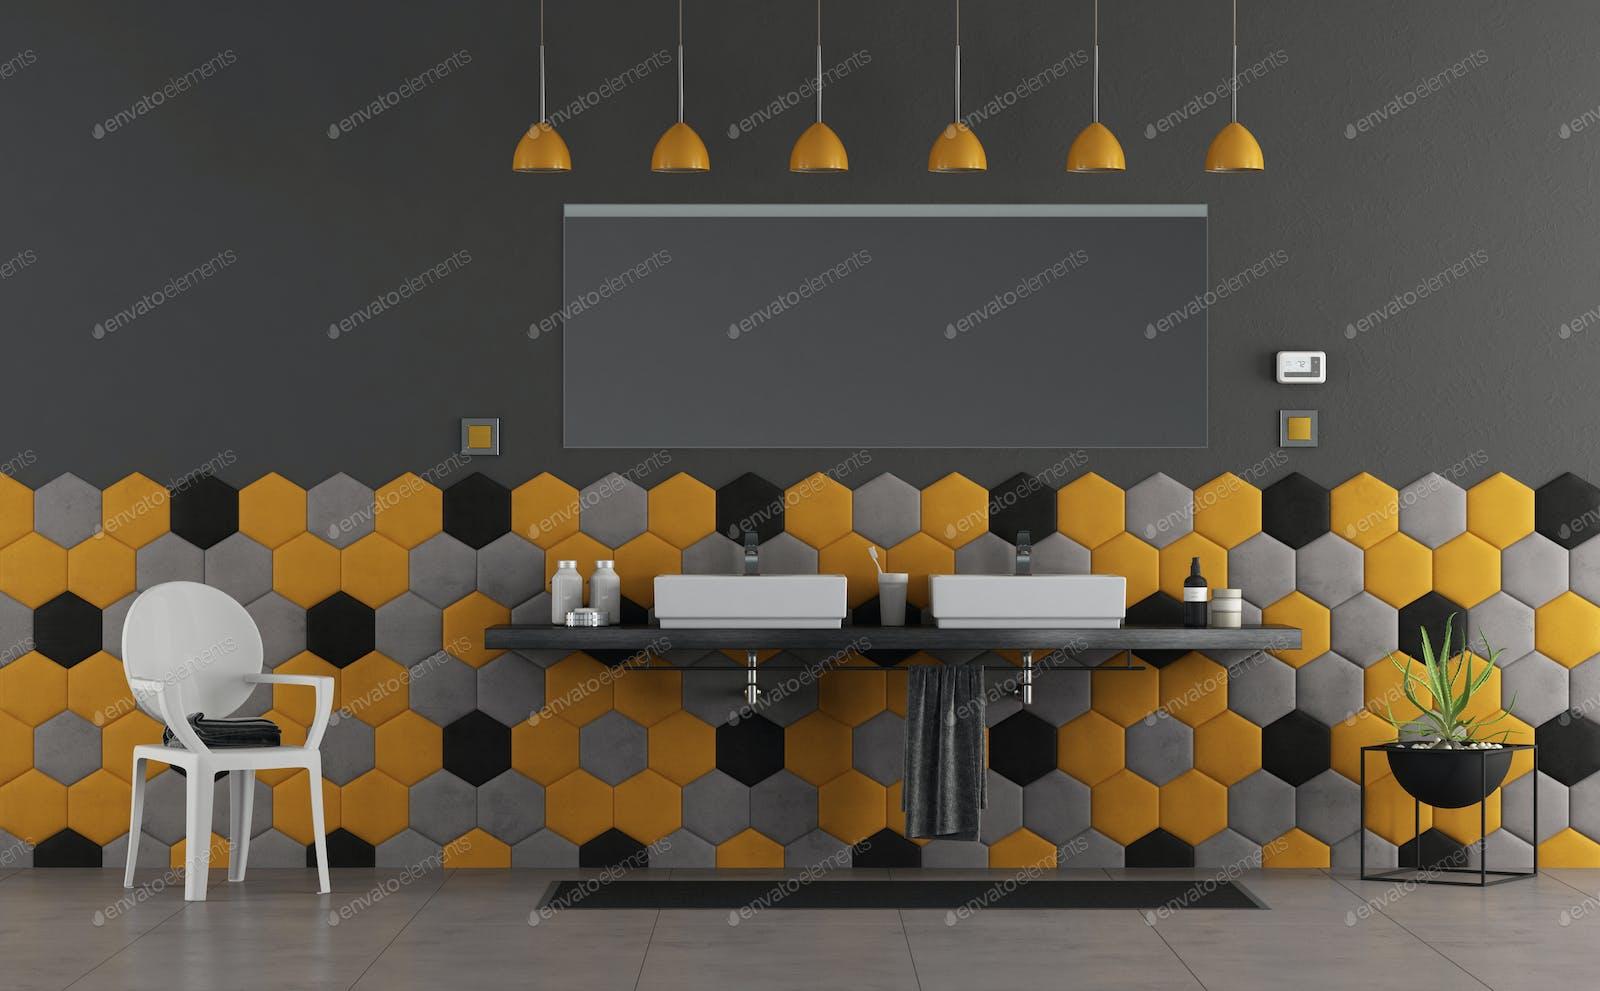 Yellow Chair In Grey Wall Interior Foto Von Bialasiewicz Auf Envato